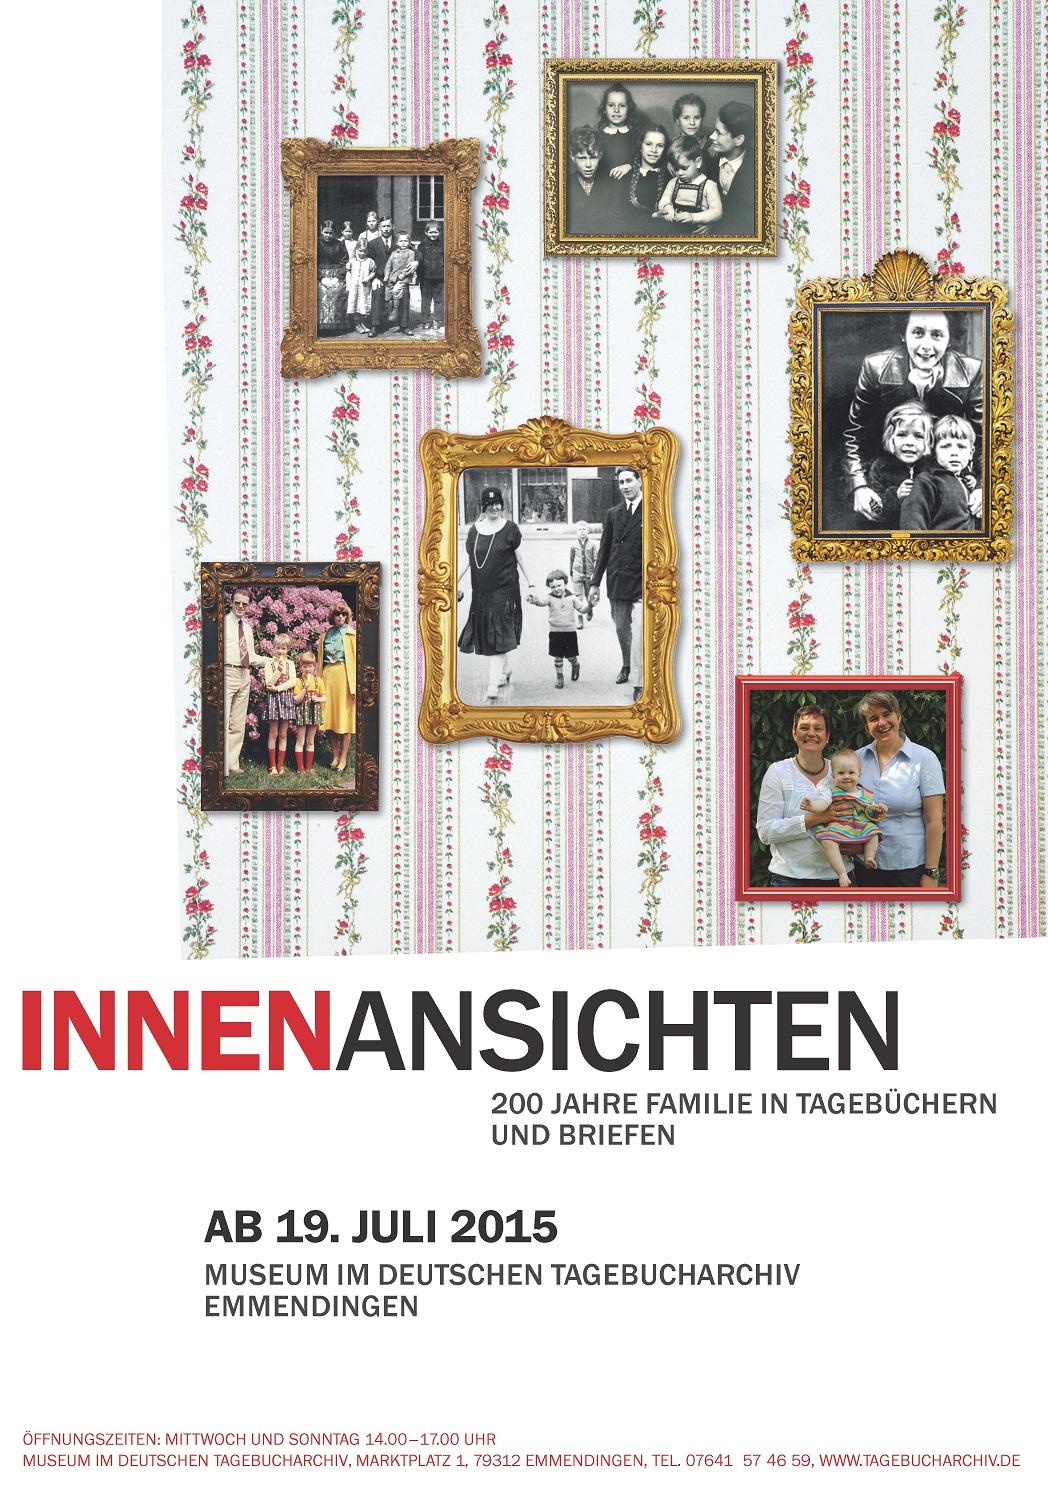 das Plakat zu der neuen Ausstellung zeigt Bilderrahmen mit Familienbildern auf einer Blümchentapete